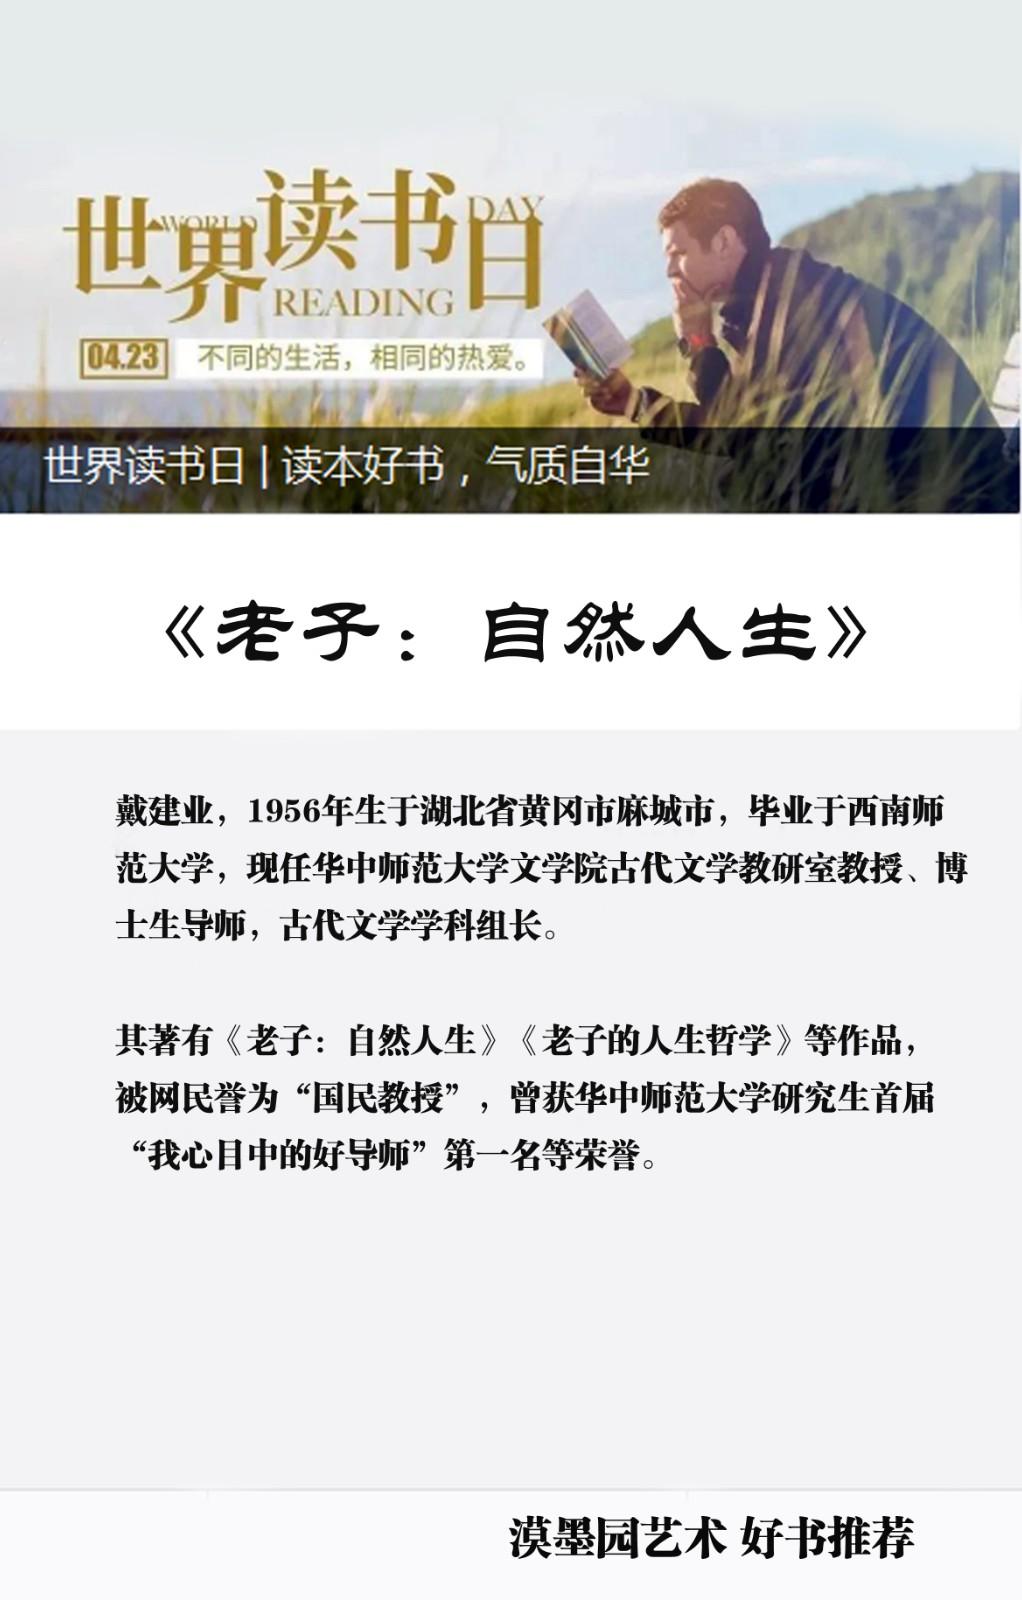 4 23国际读书日   漠墨园艺术好书推荐_图1-2